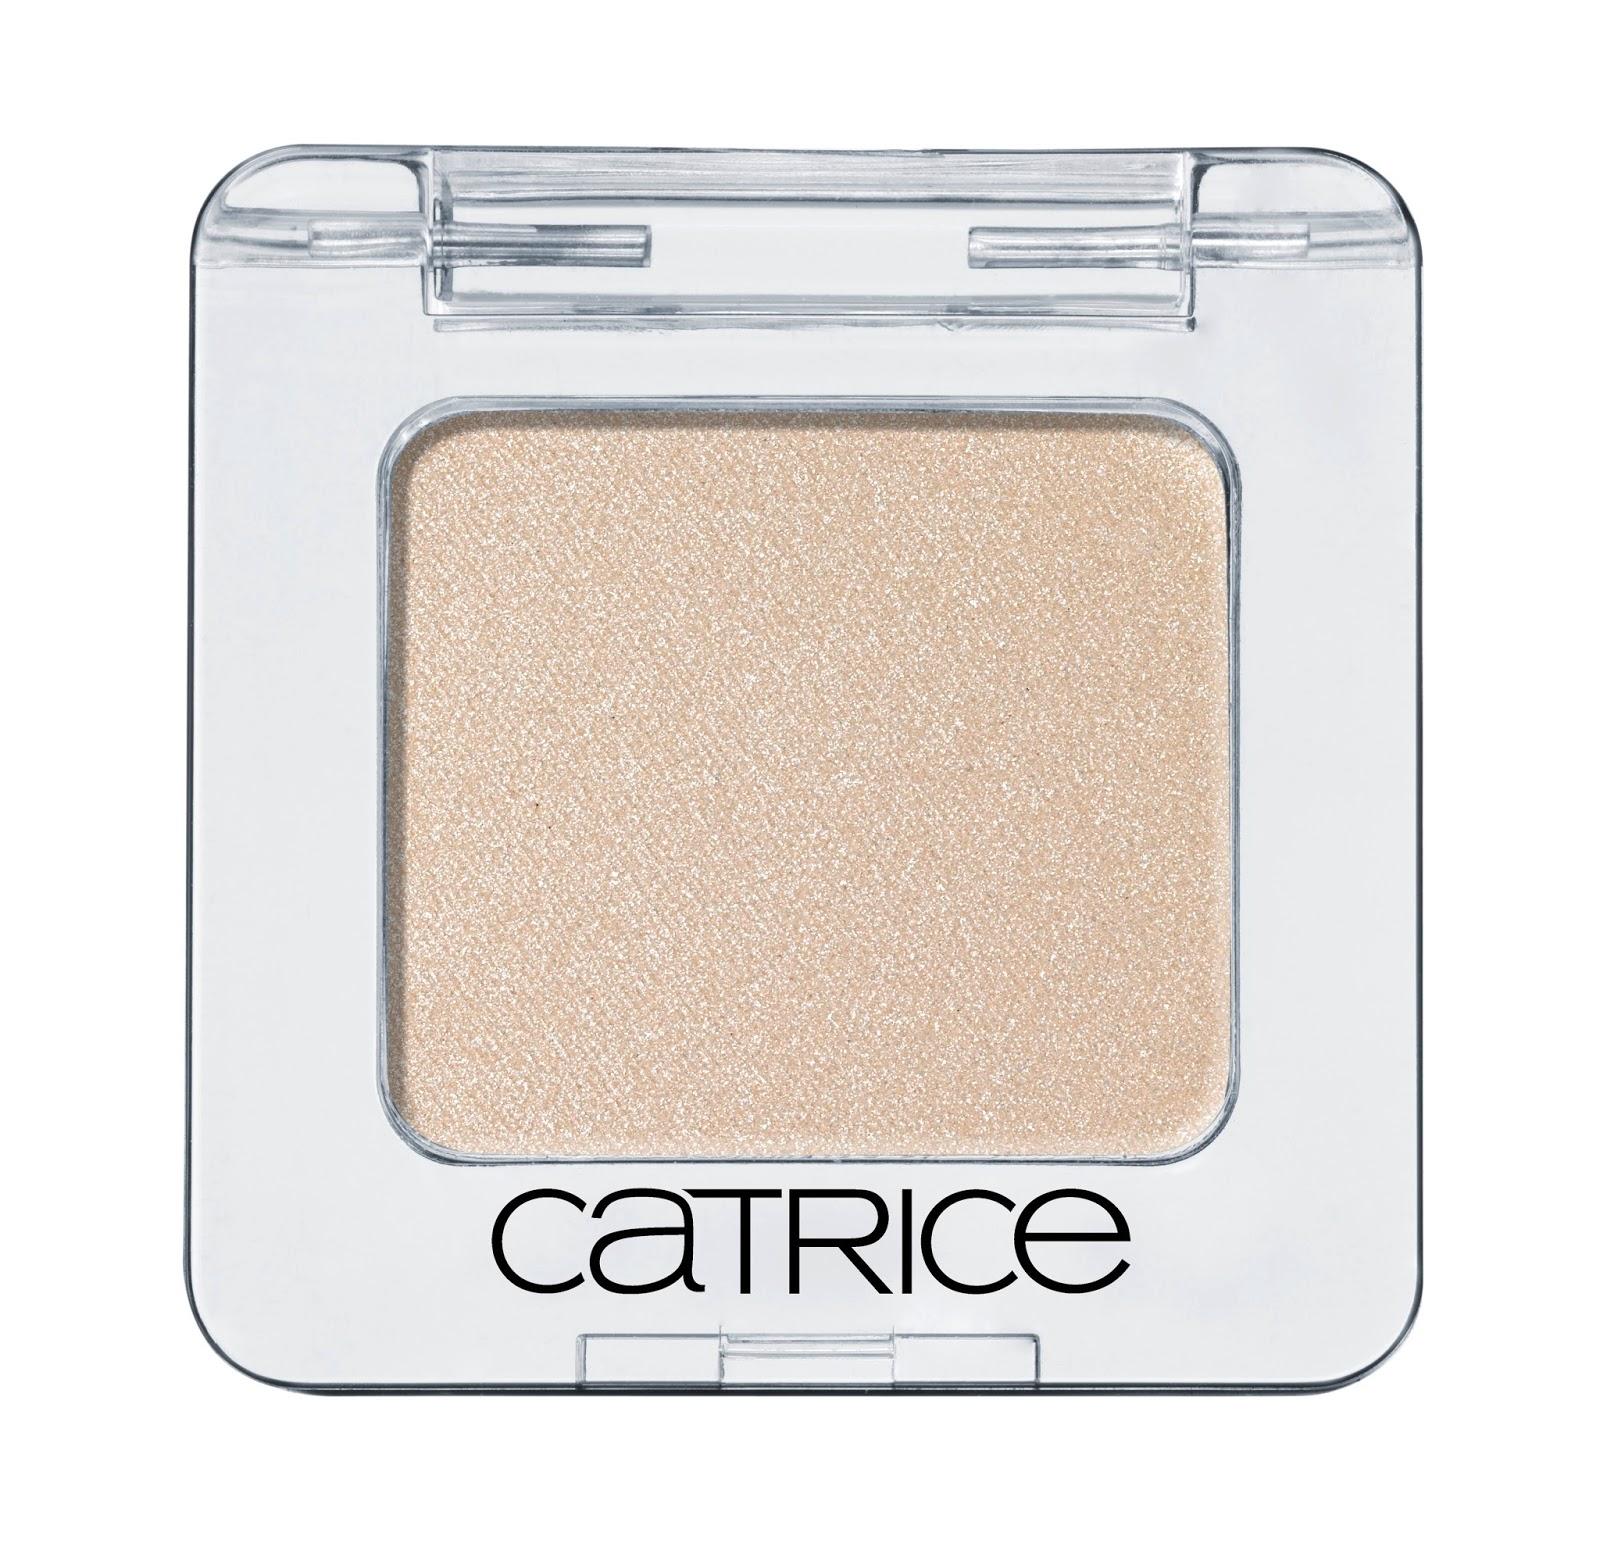 Catrice - Absolute Eye Colour Mono Eyeshadow